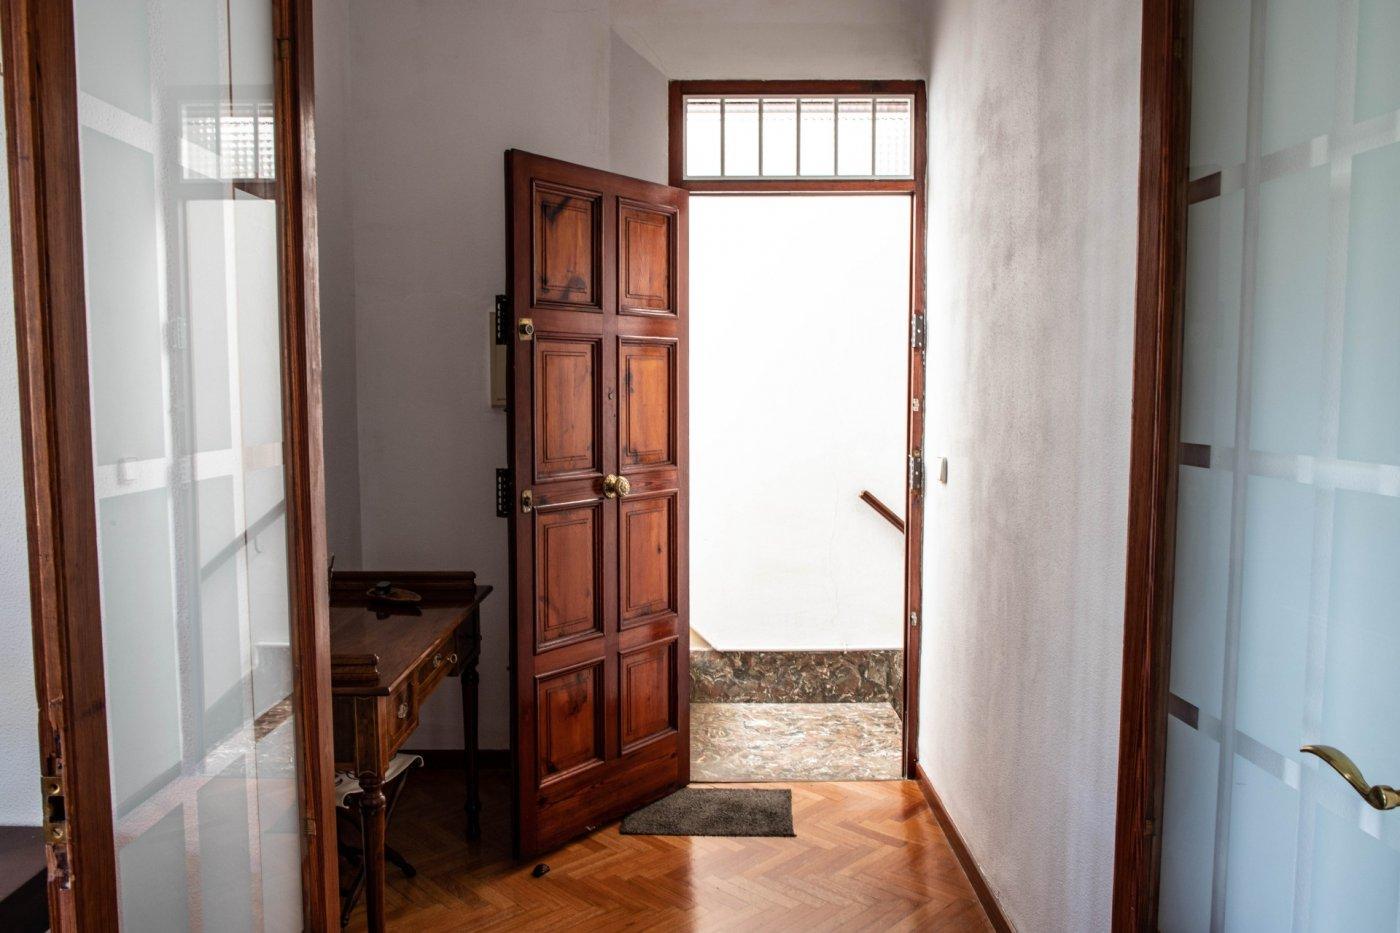 Primer piso con terrado privado en santa catalina - imagenInmueble26